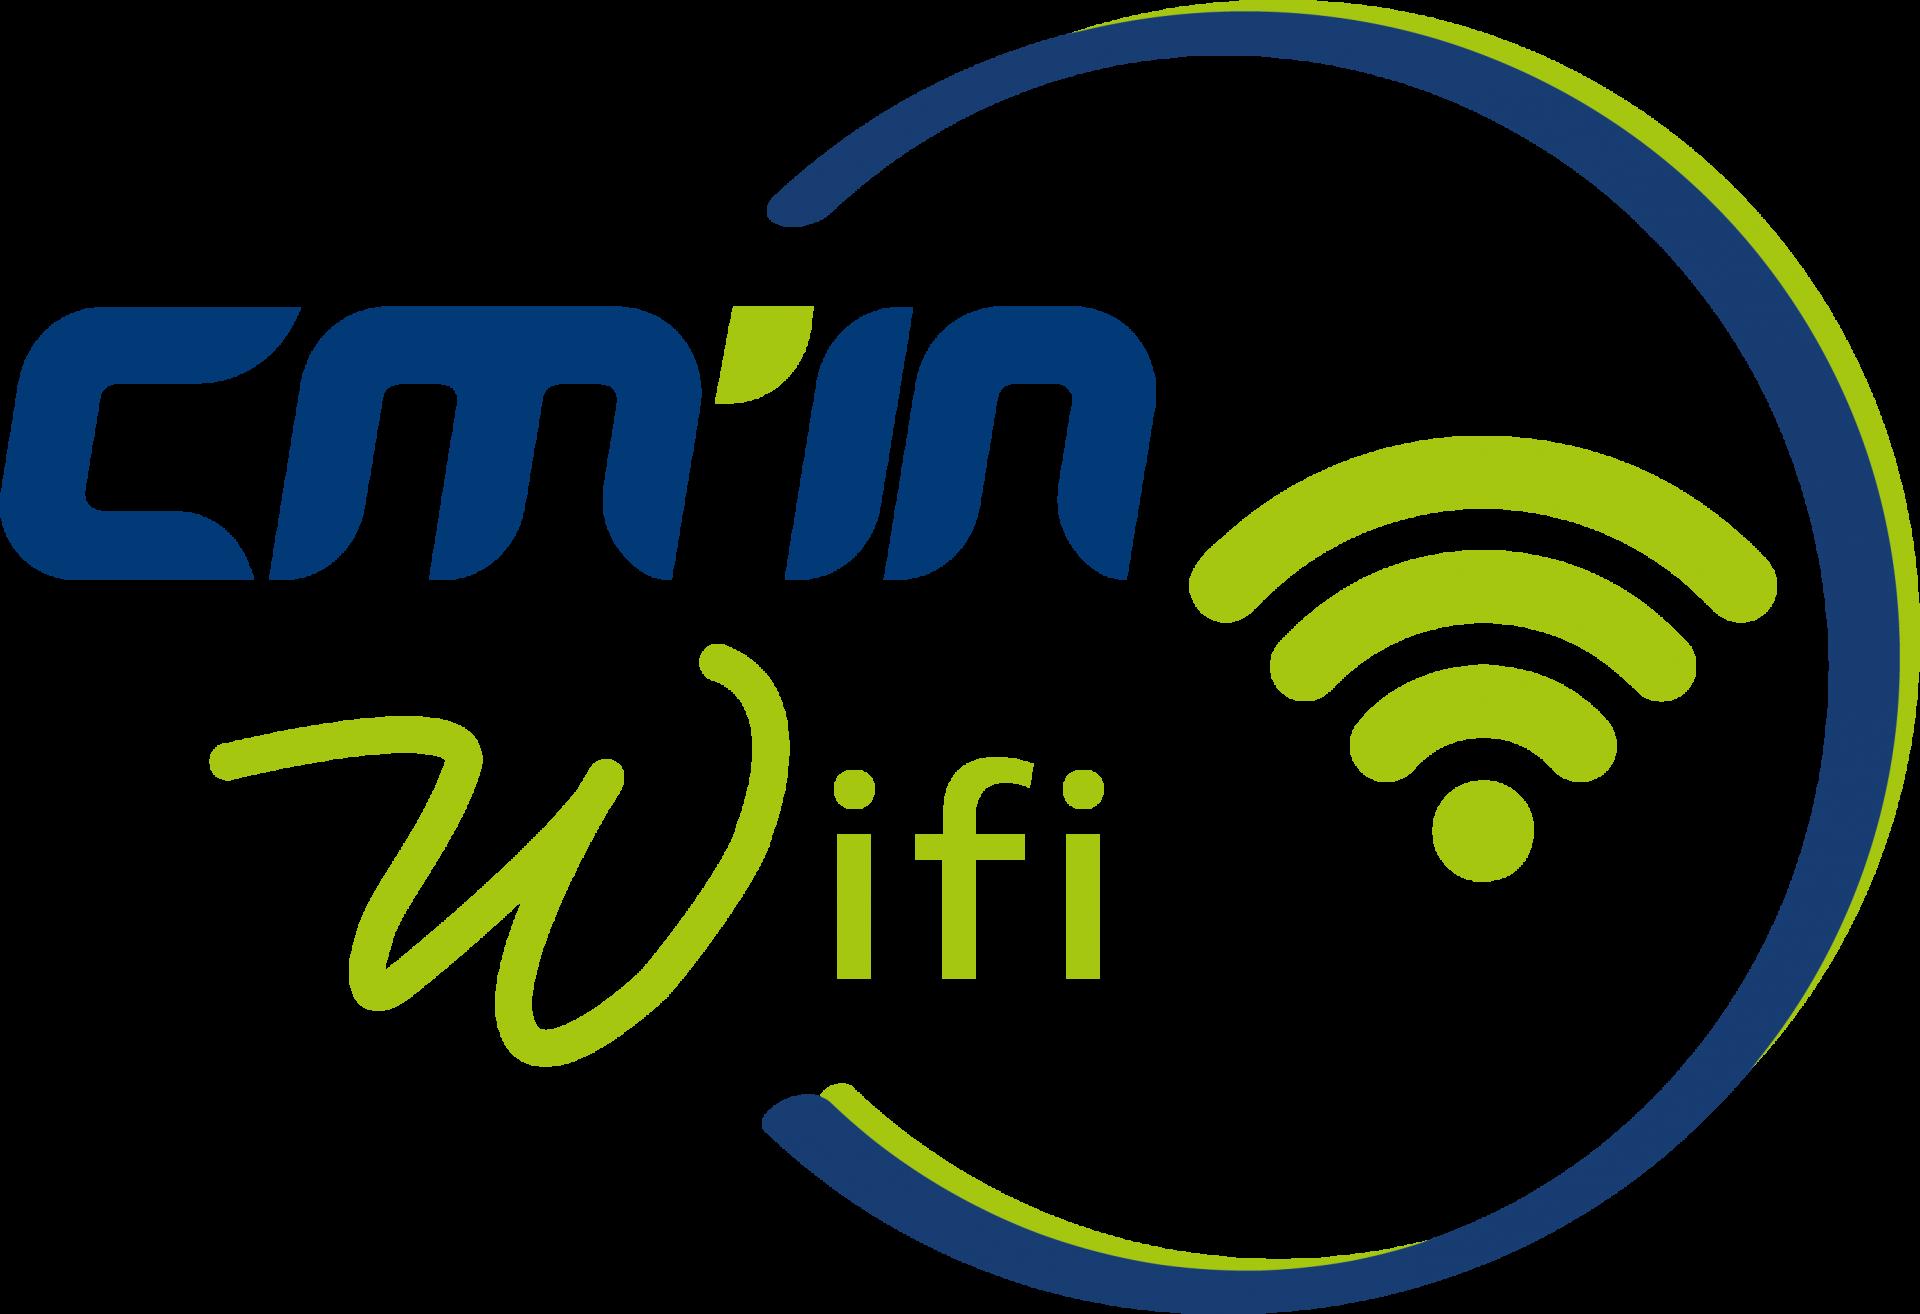 CM'IN Wifi